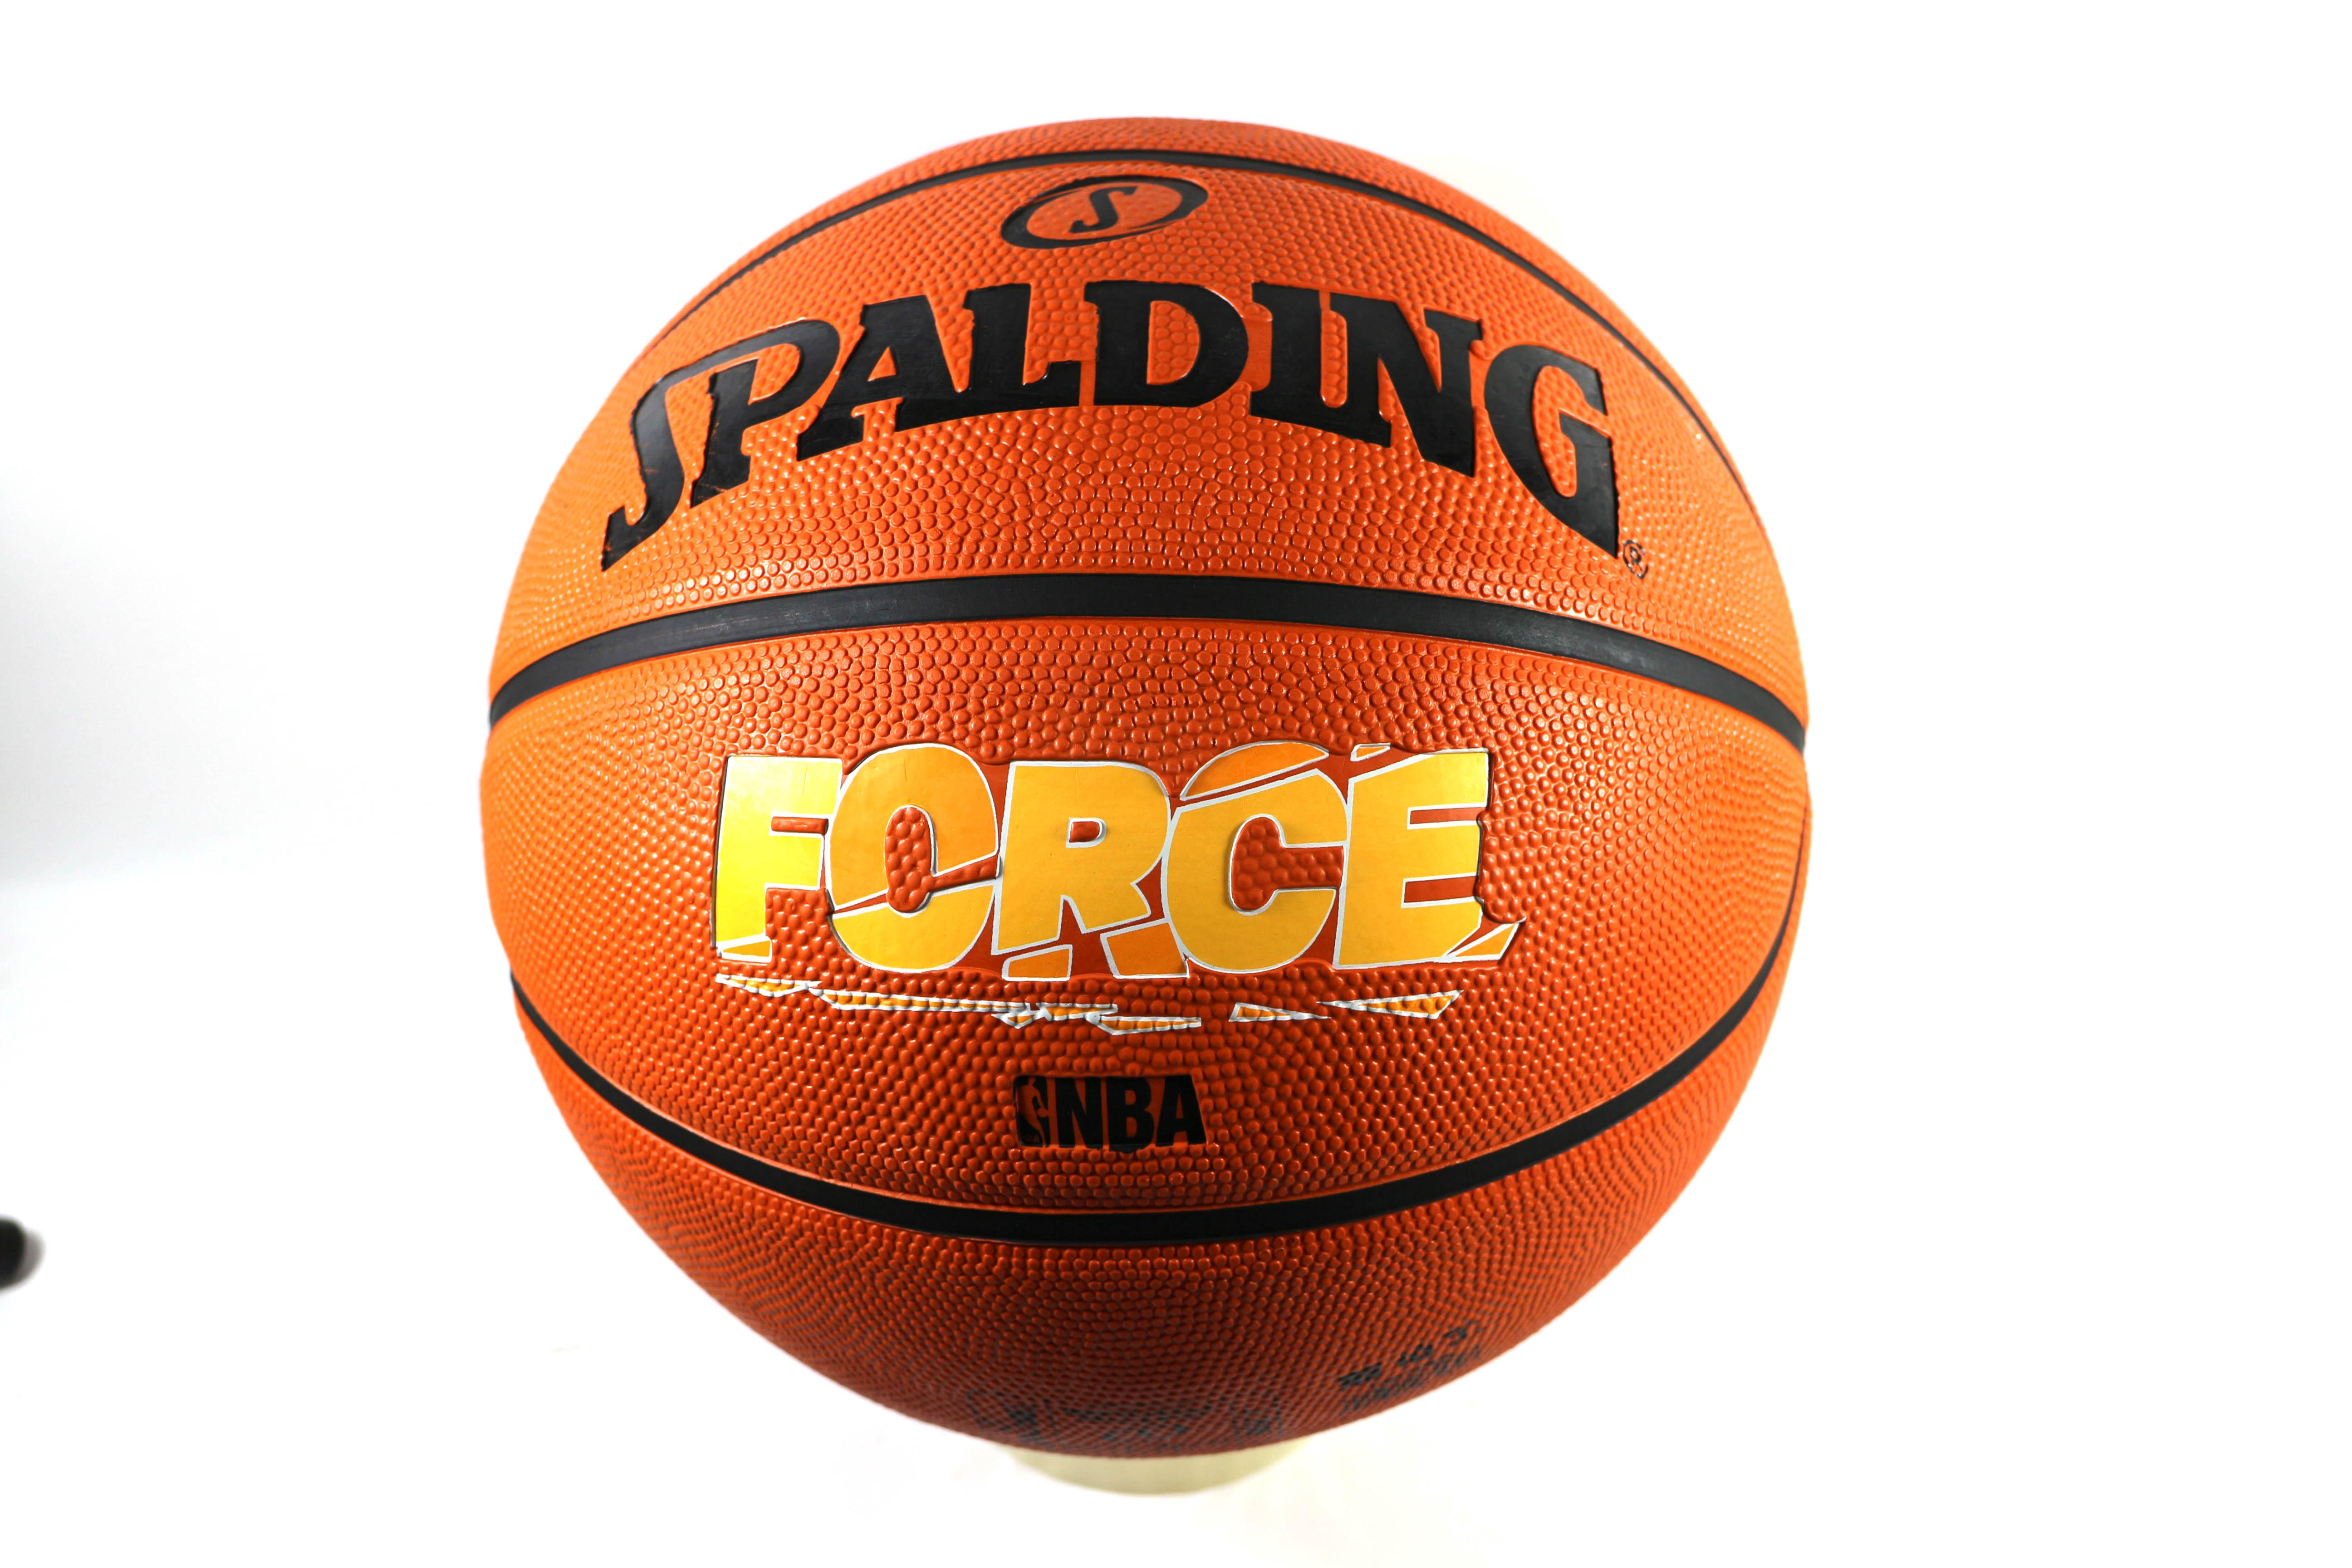 [陽光樂活]斯伯丁 SPALDING NBA籃球 Force Rubber 系列 專業橘-7號球 SPA83179 #7